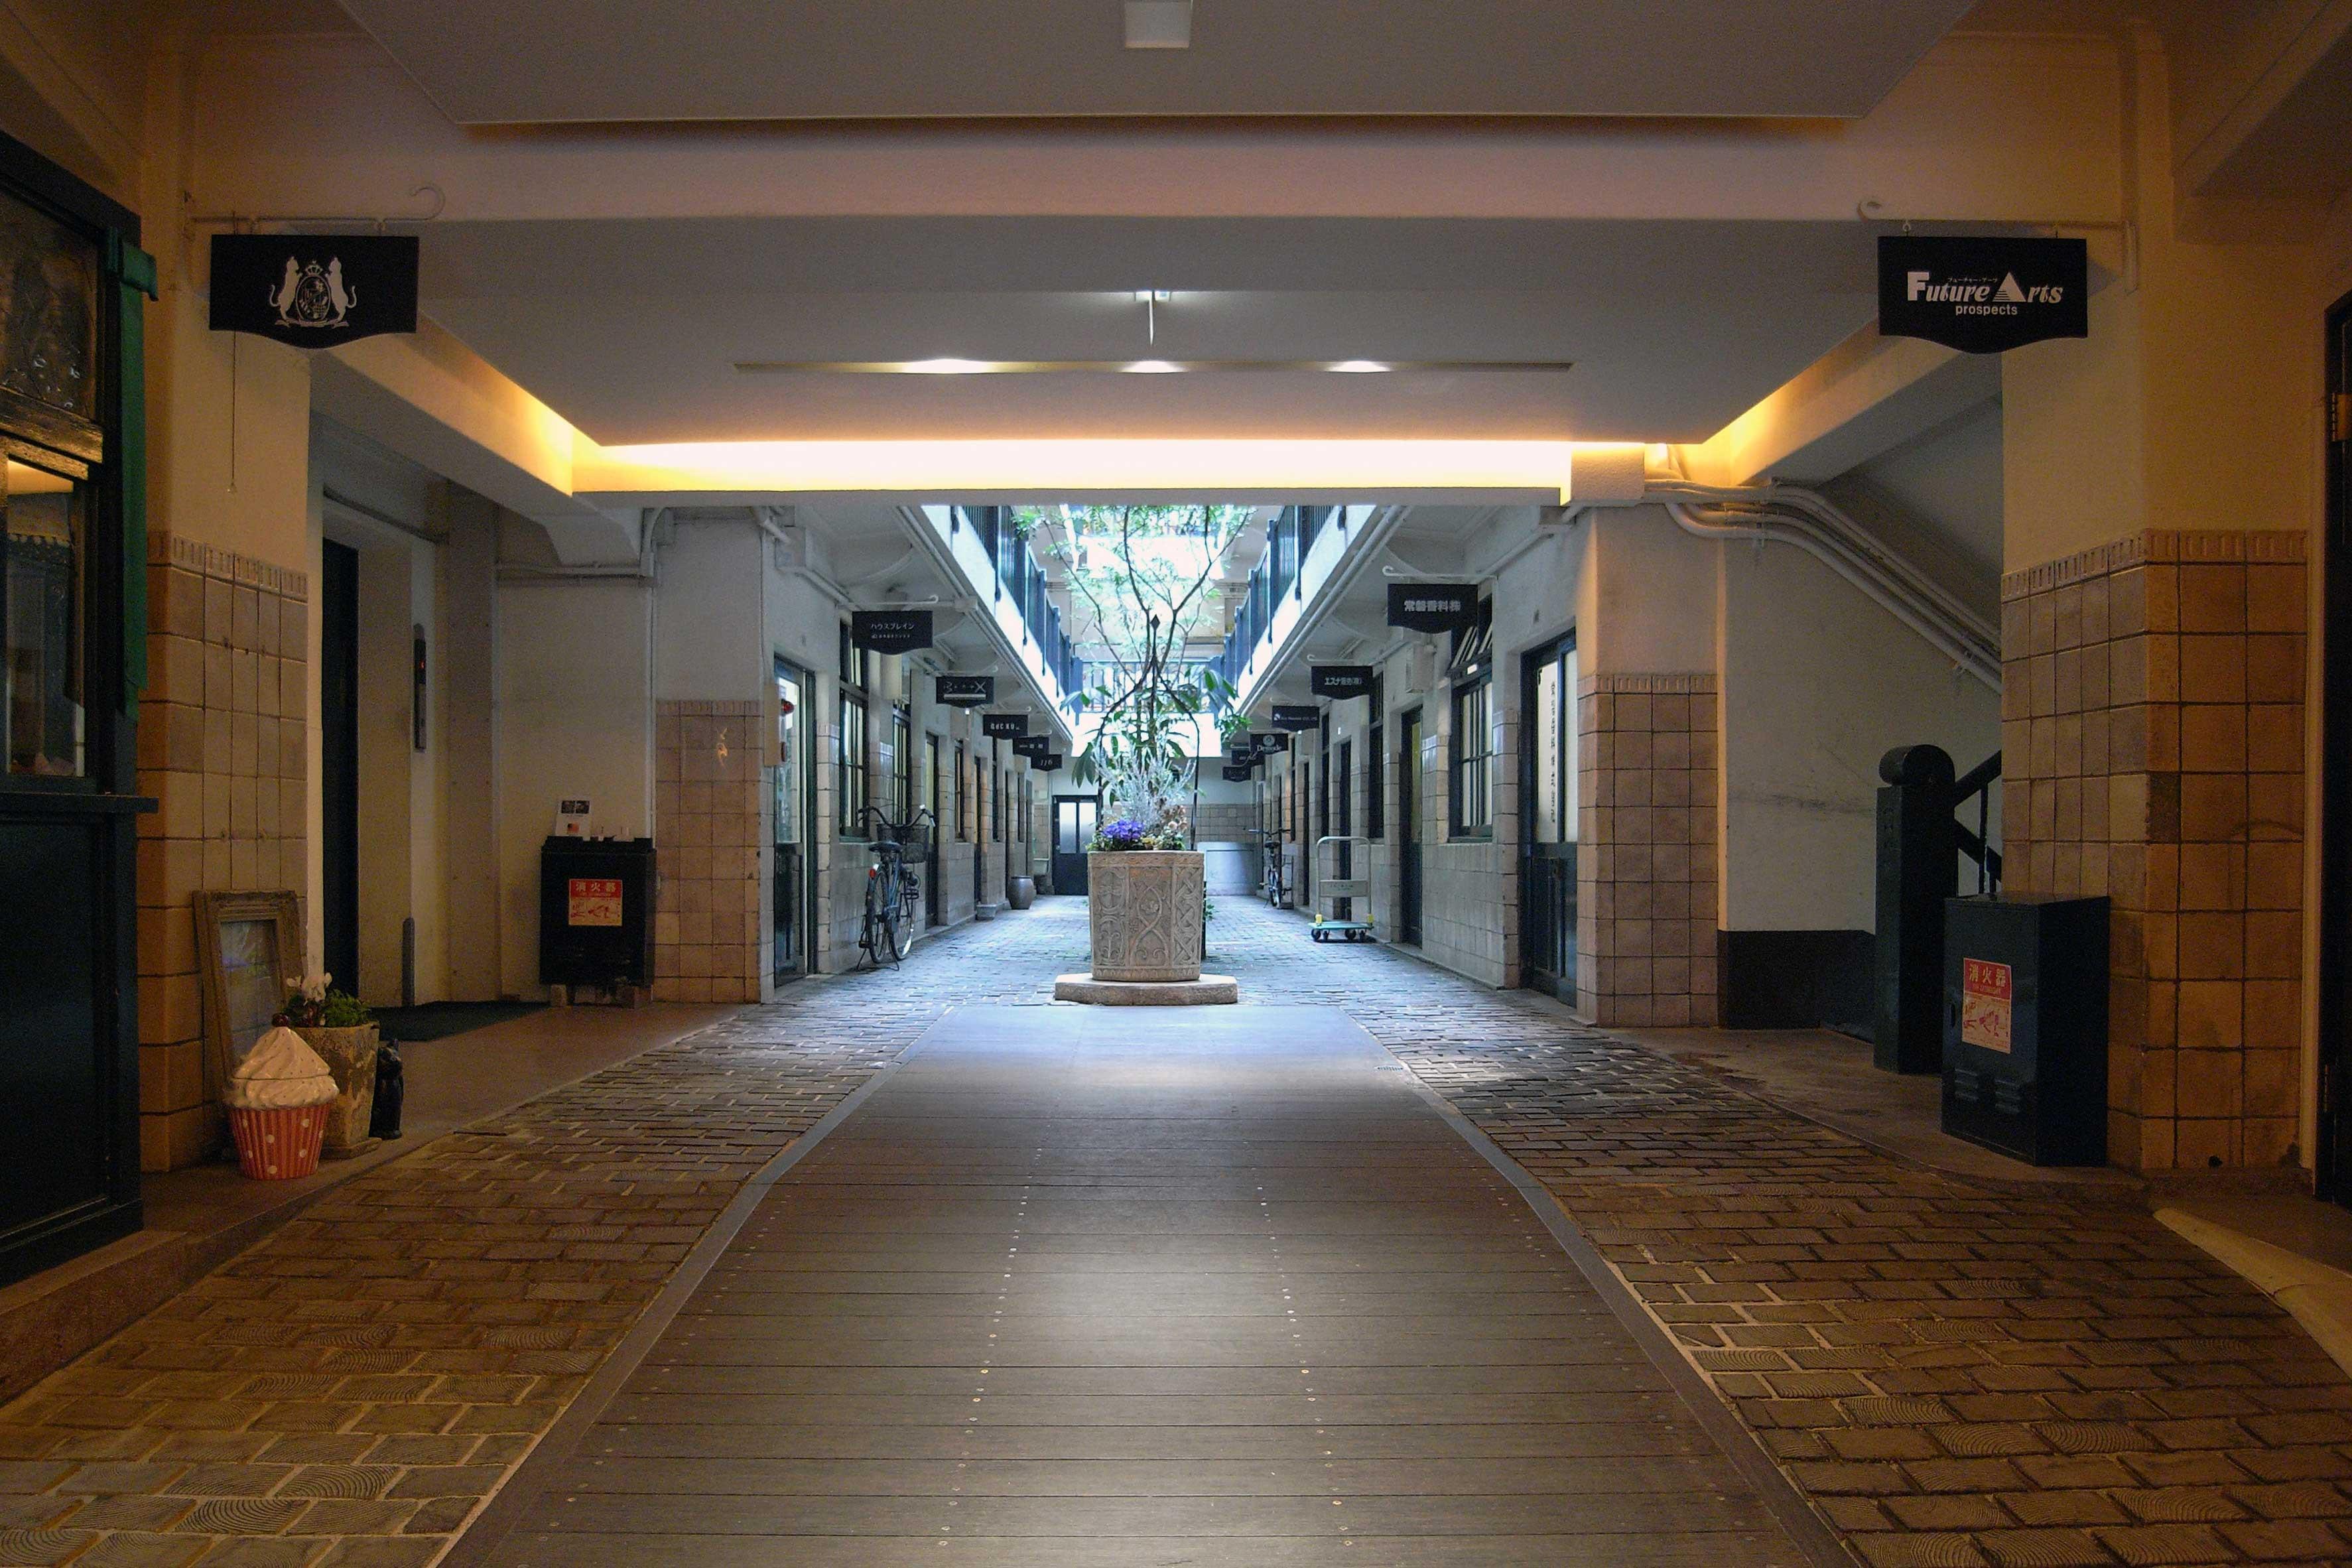 <p>1階内部中央</p>入口を入ると、中央の光庭が目に入る。かつては中庭までトラックや荷馬車などが引き込まれていた。